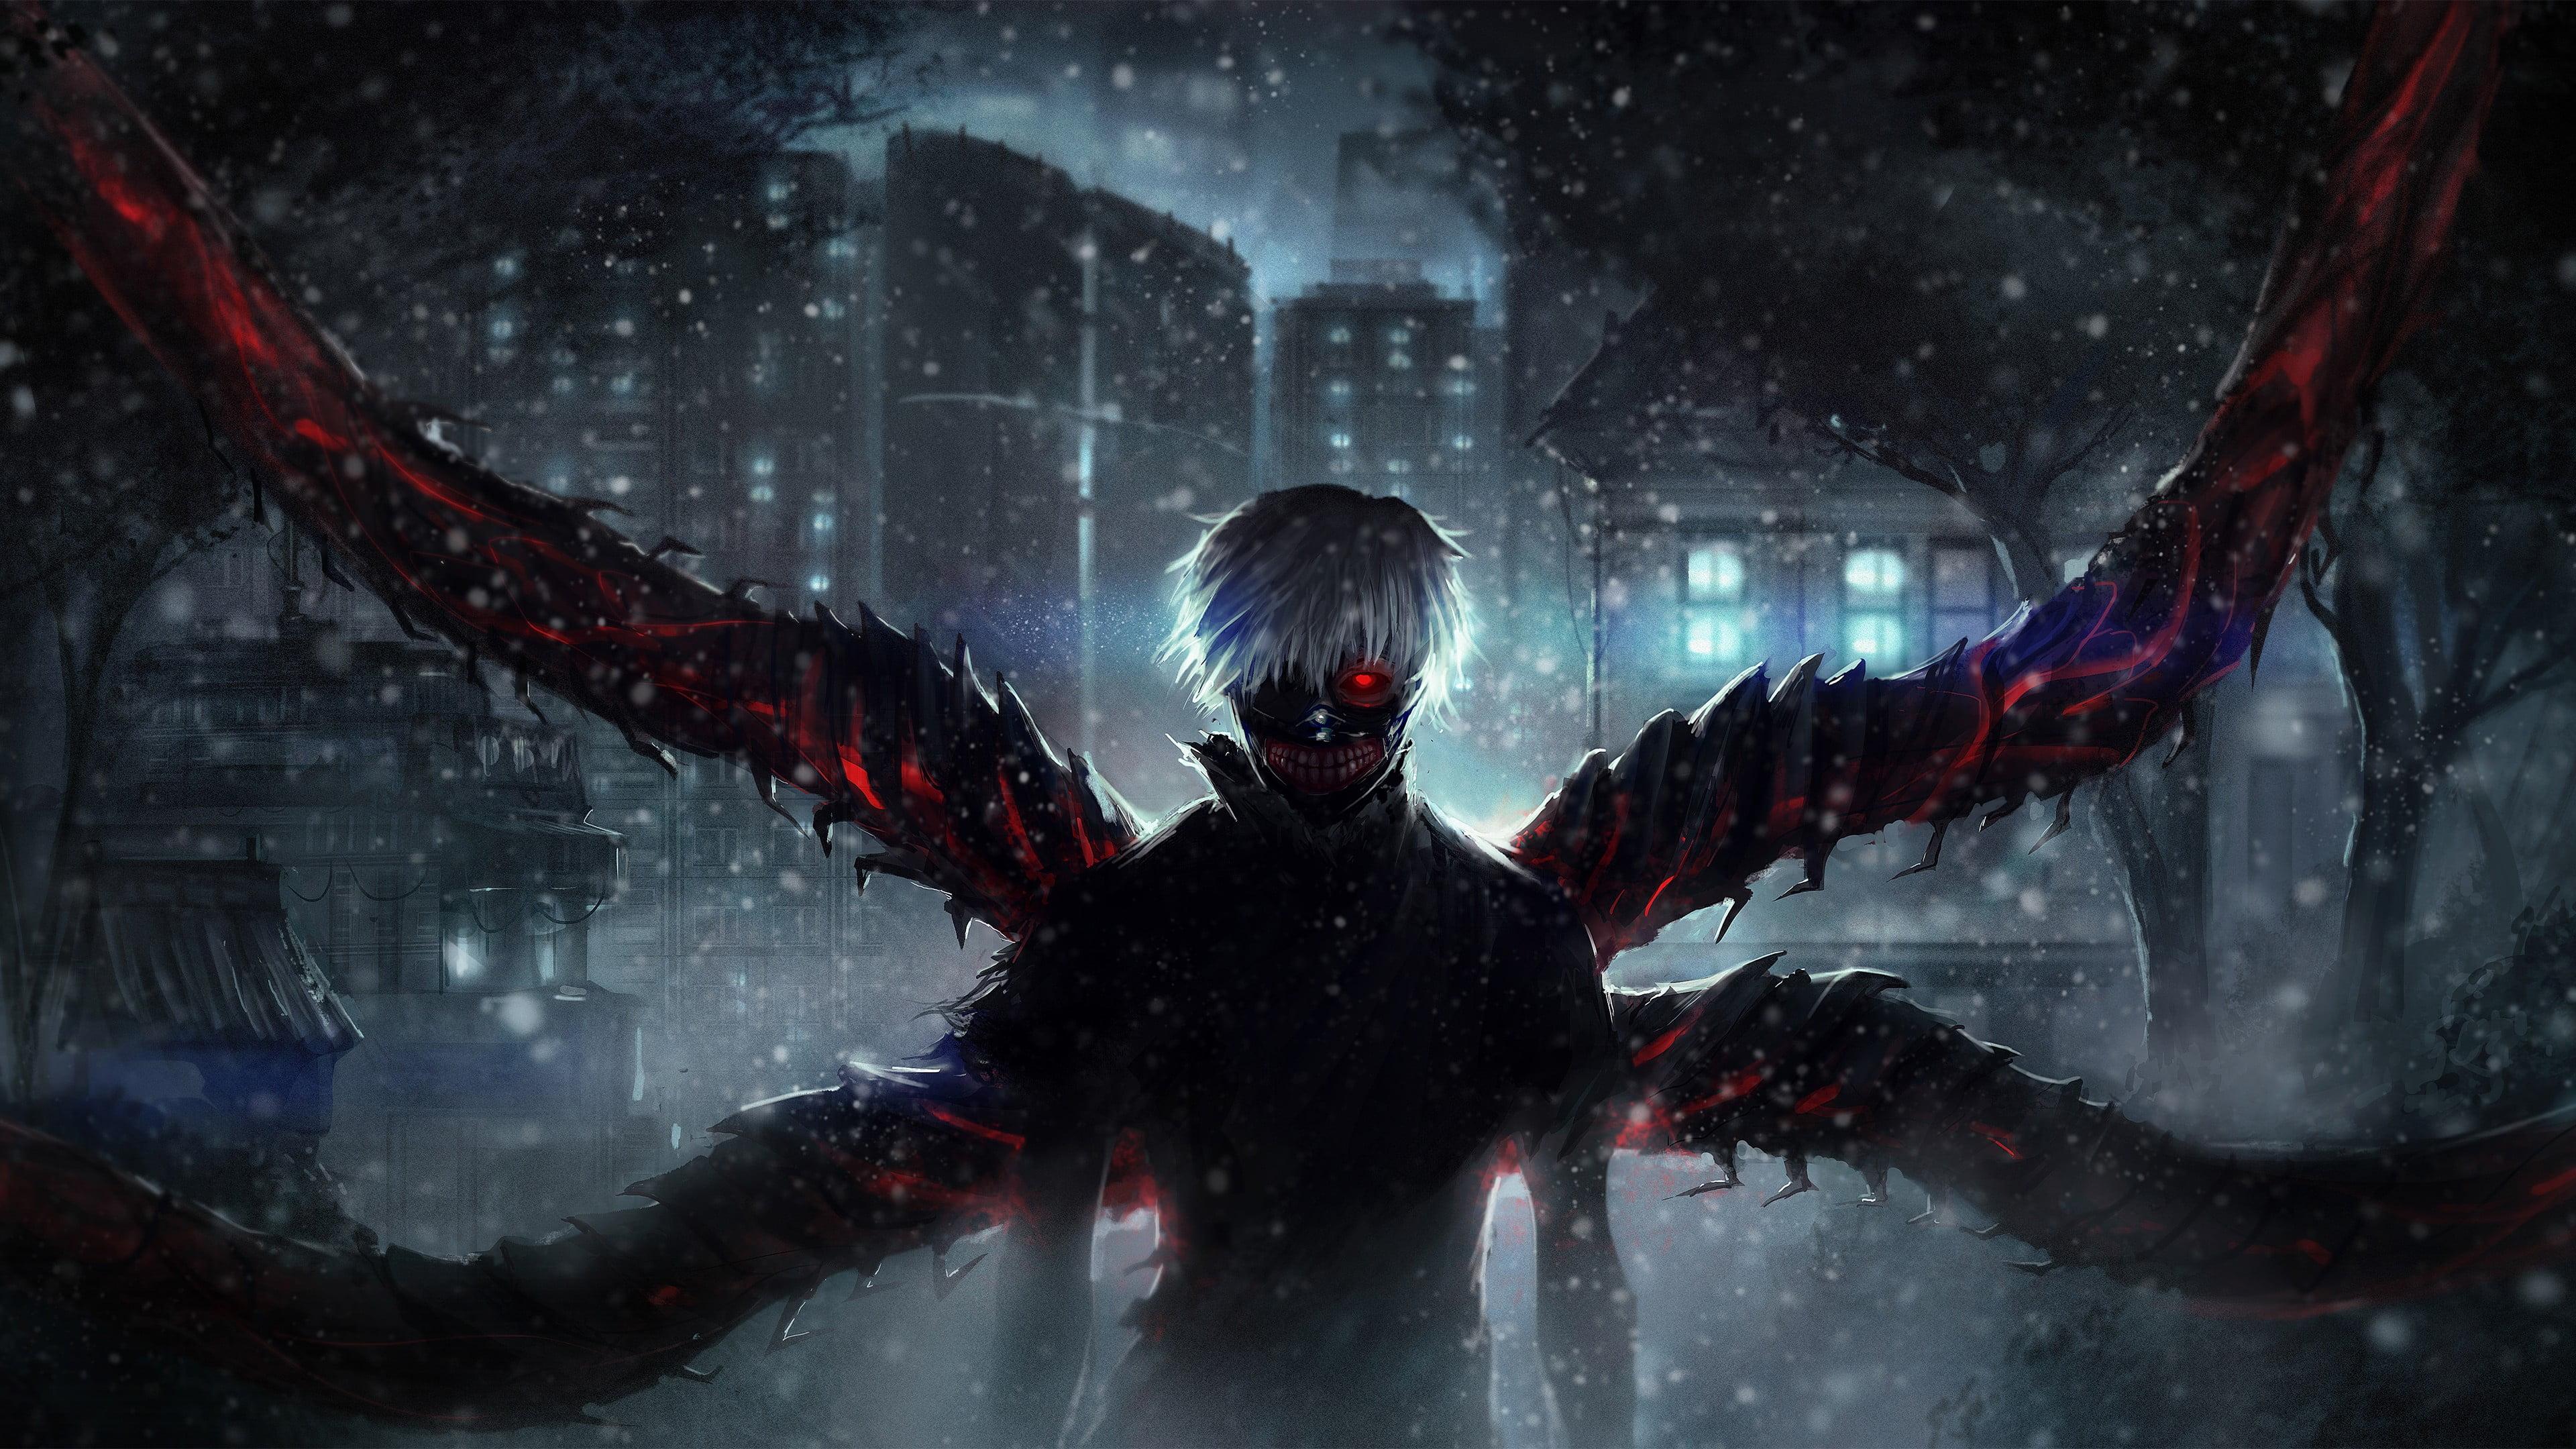 Hình nền Tokyo Ghoul bung tỏa sức mạnh khủng khiếp